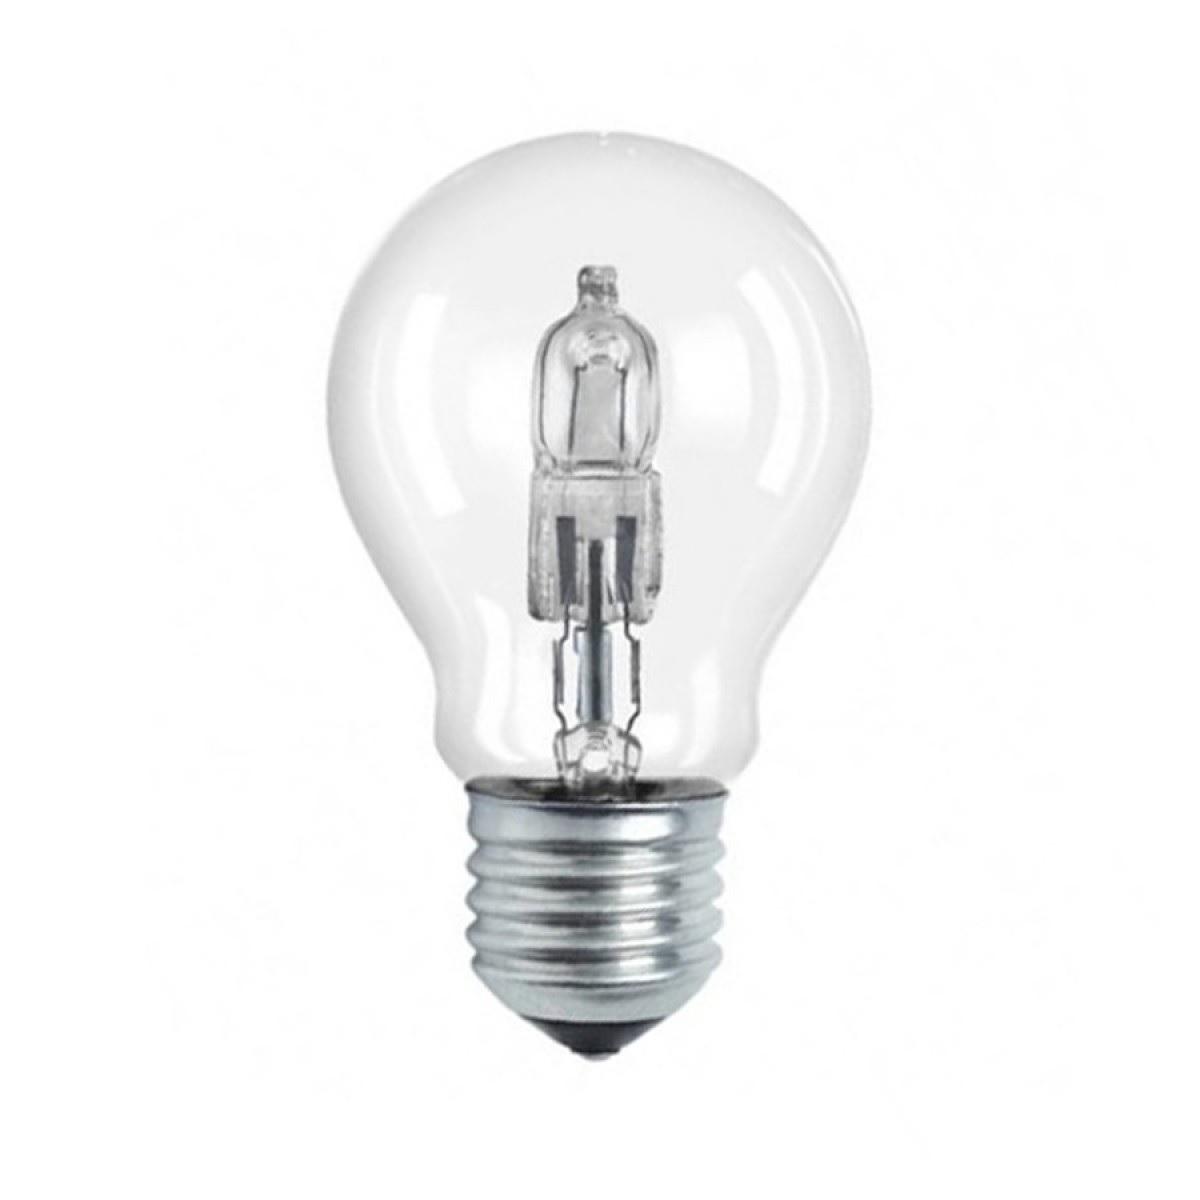 Lampada halogeneo normal e27 42w